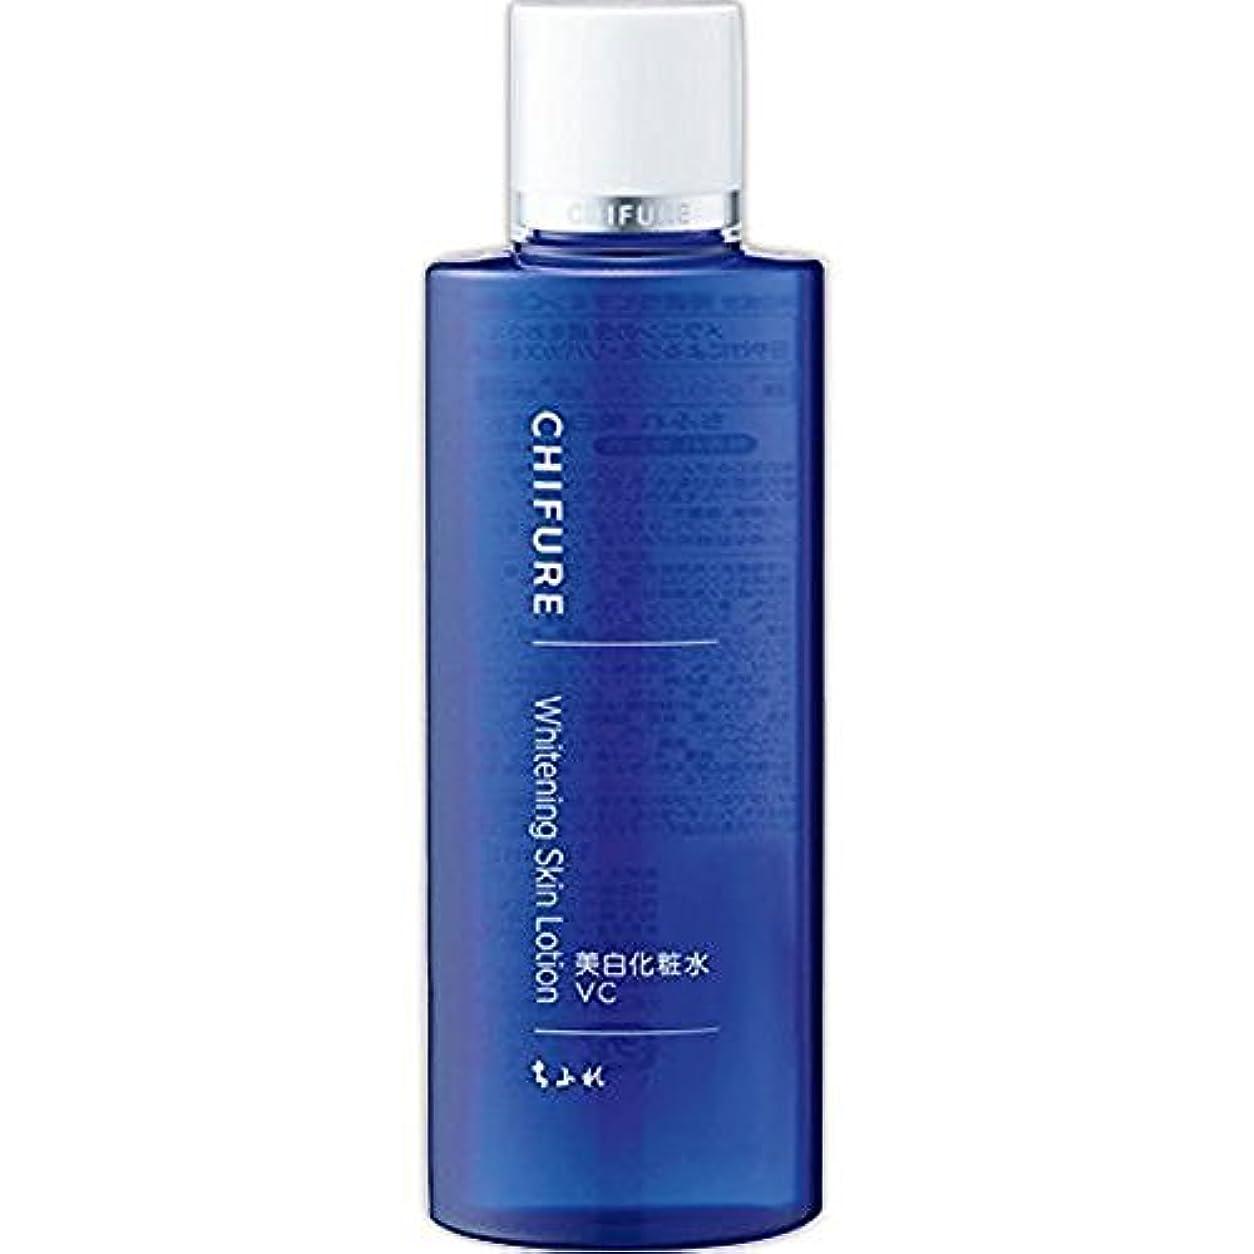 同情的感じ含めるちふれ化粧品 美白化粧水 VC 180ML (医薬部外品)